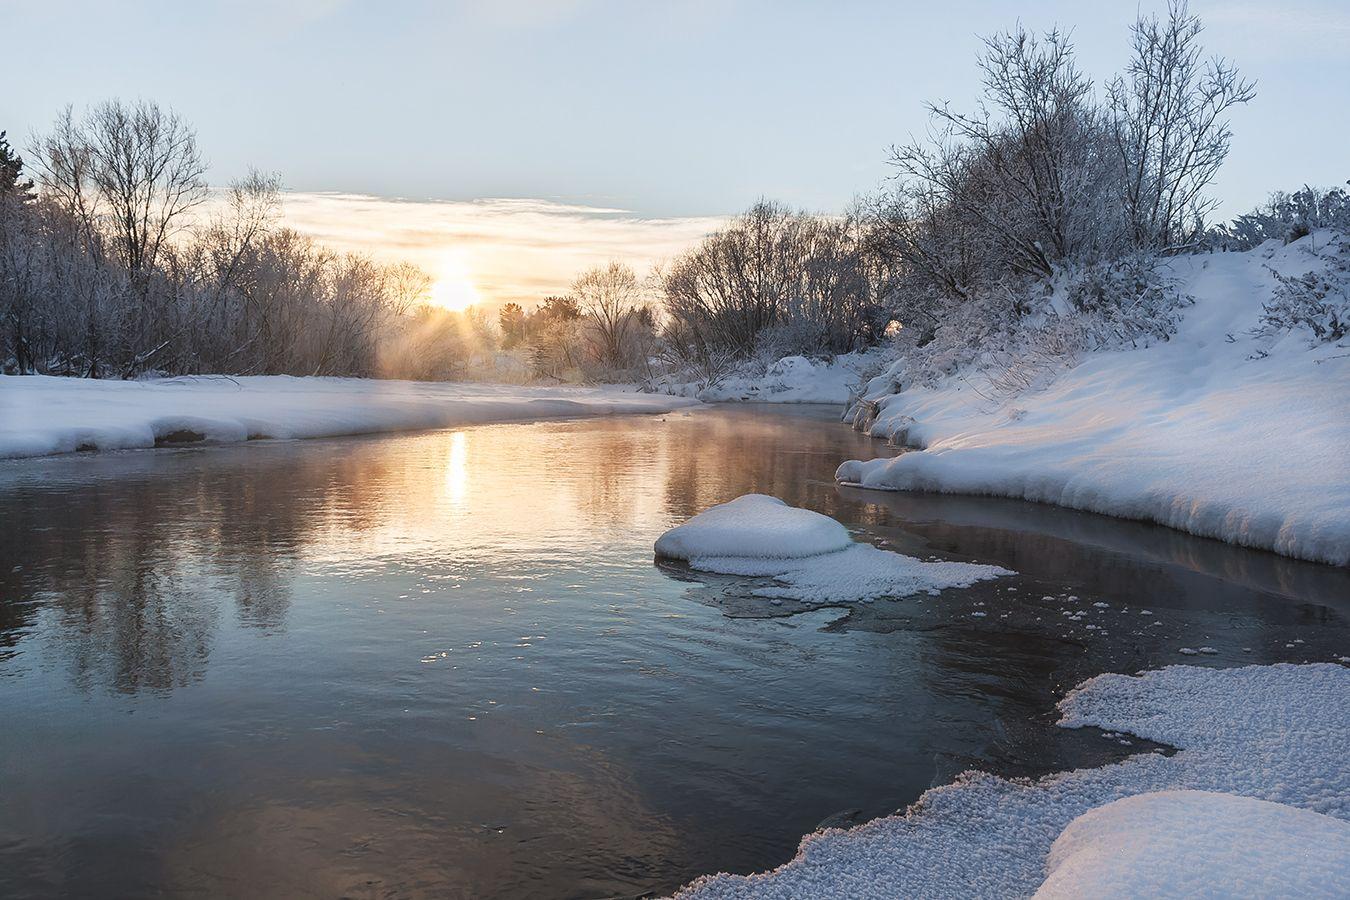 На речке зимой. речка зима солнце вода снег берега кустарник островок ива